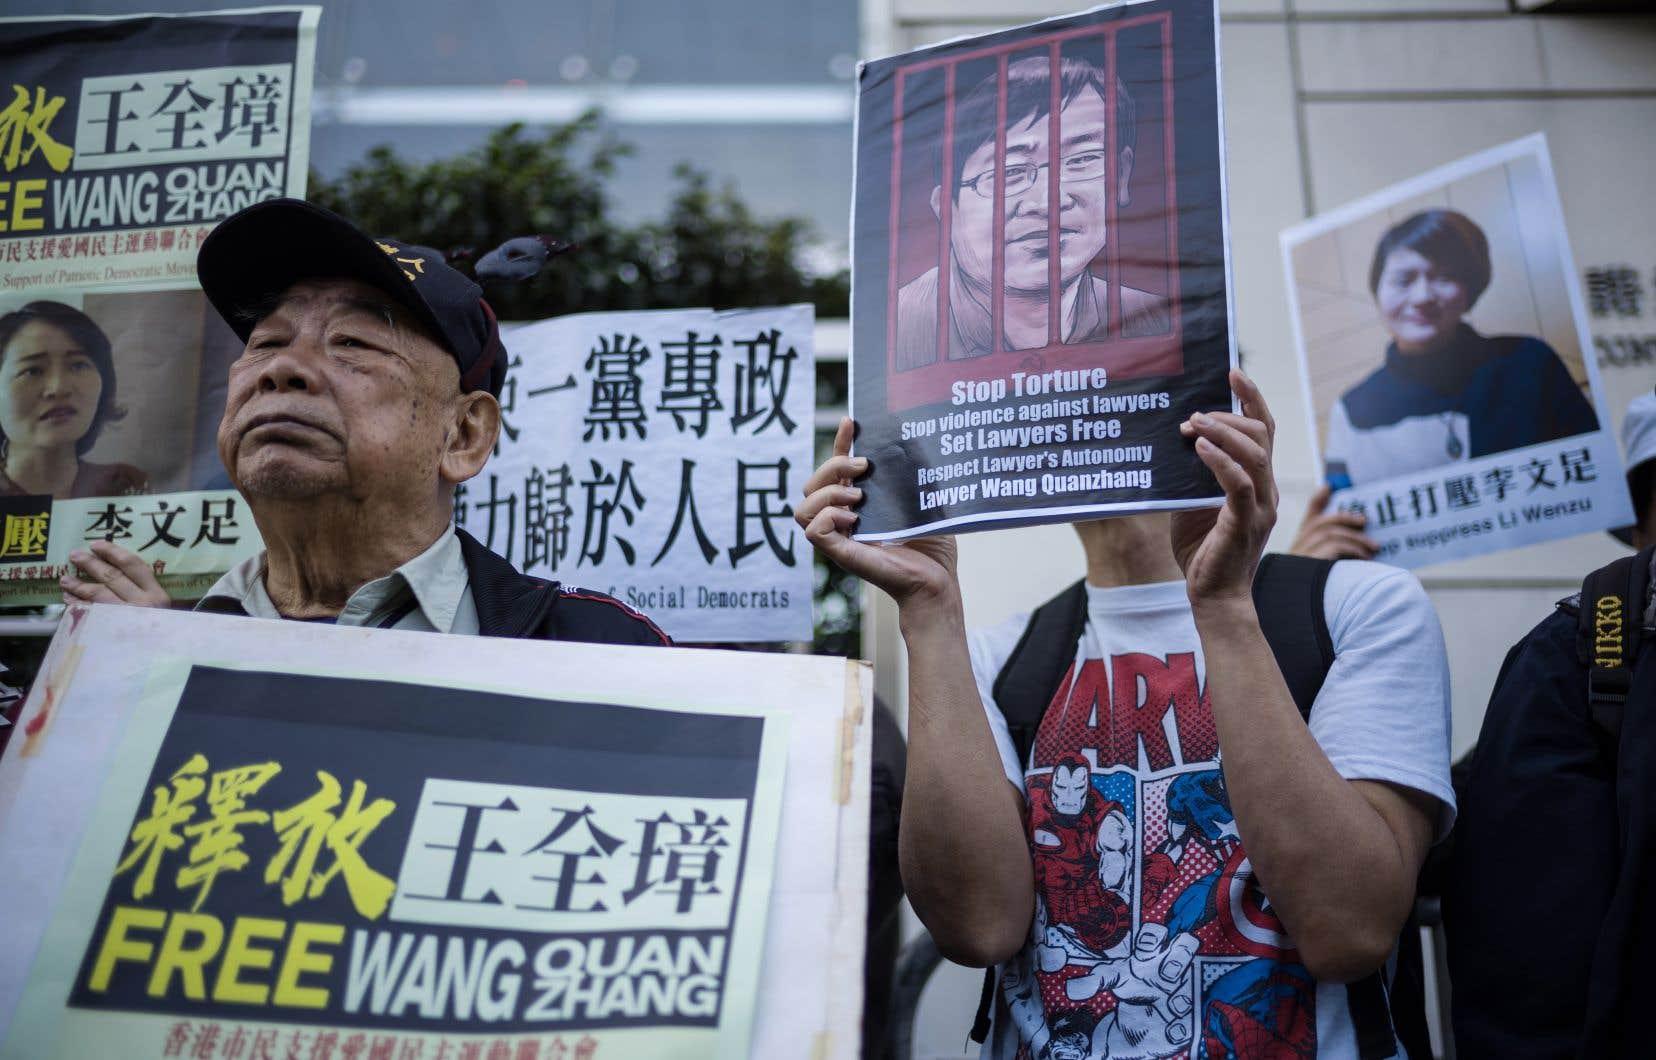 À Hong Kong, où il reste possible de manifester, une cinquantaine de personnes ont fait entendre leur soutien à Wang Quanzhang.